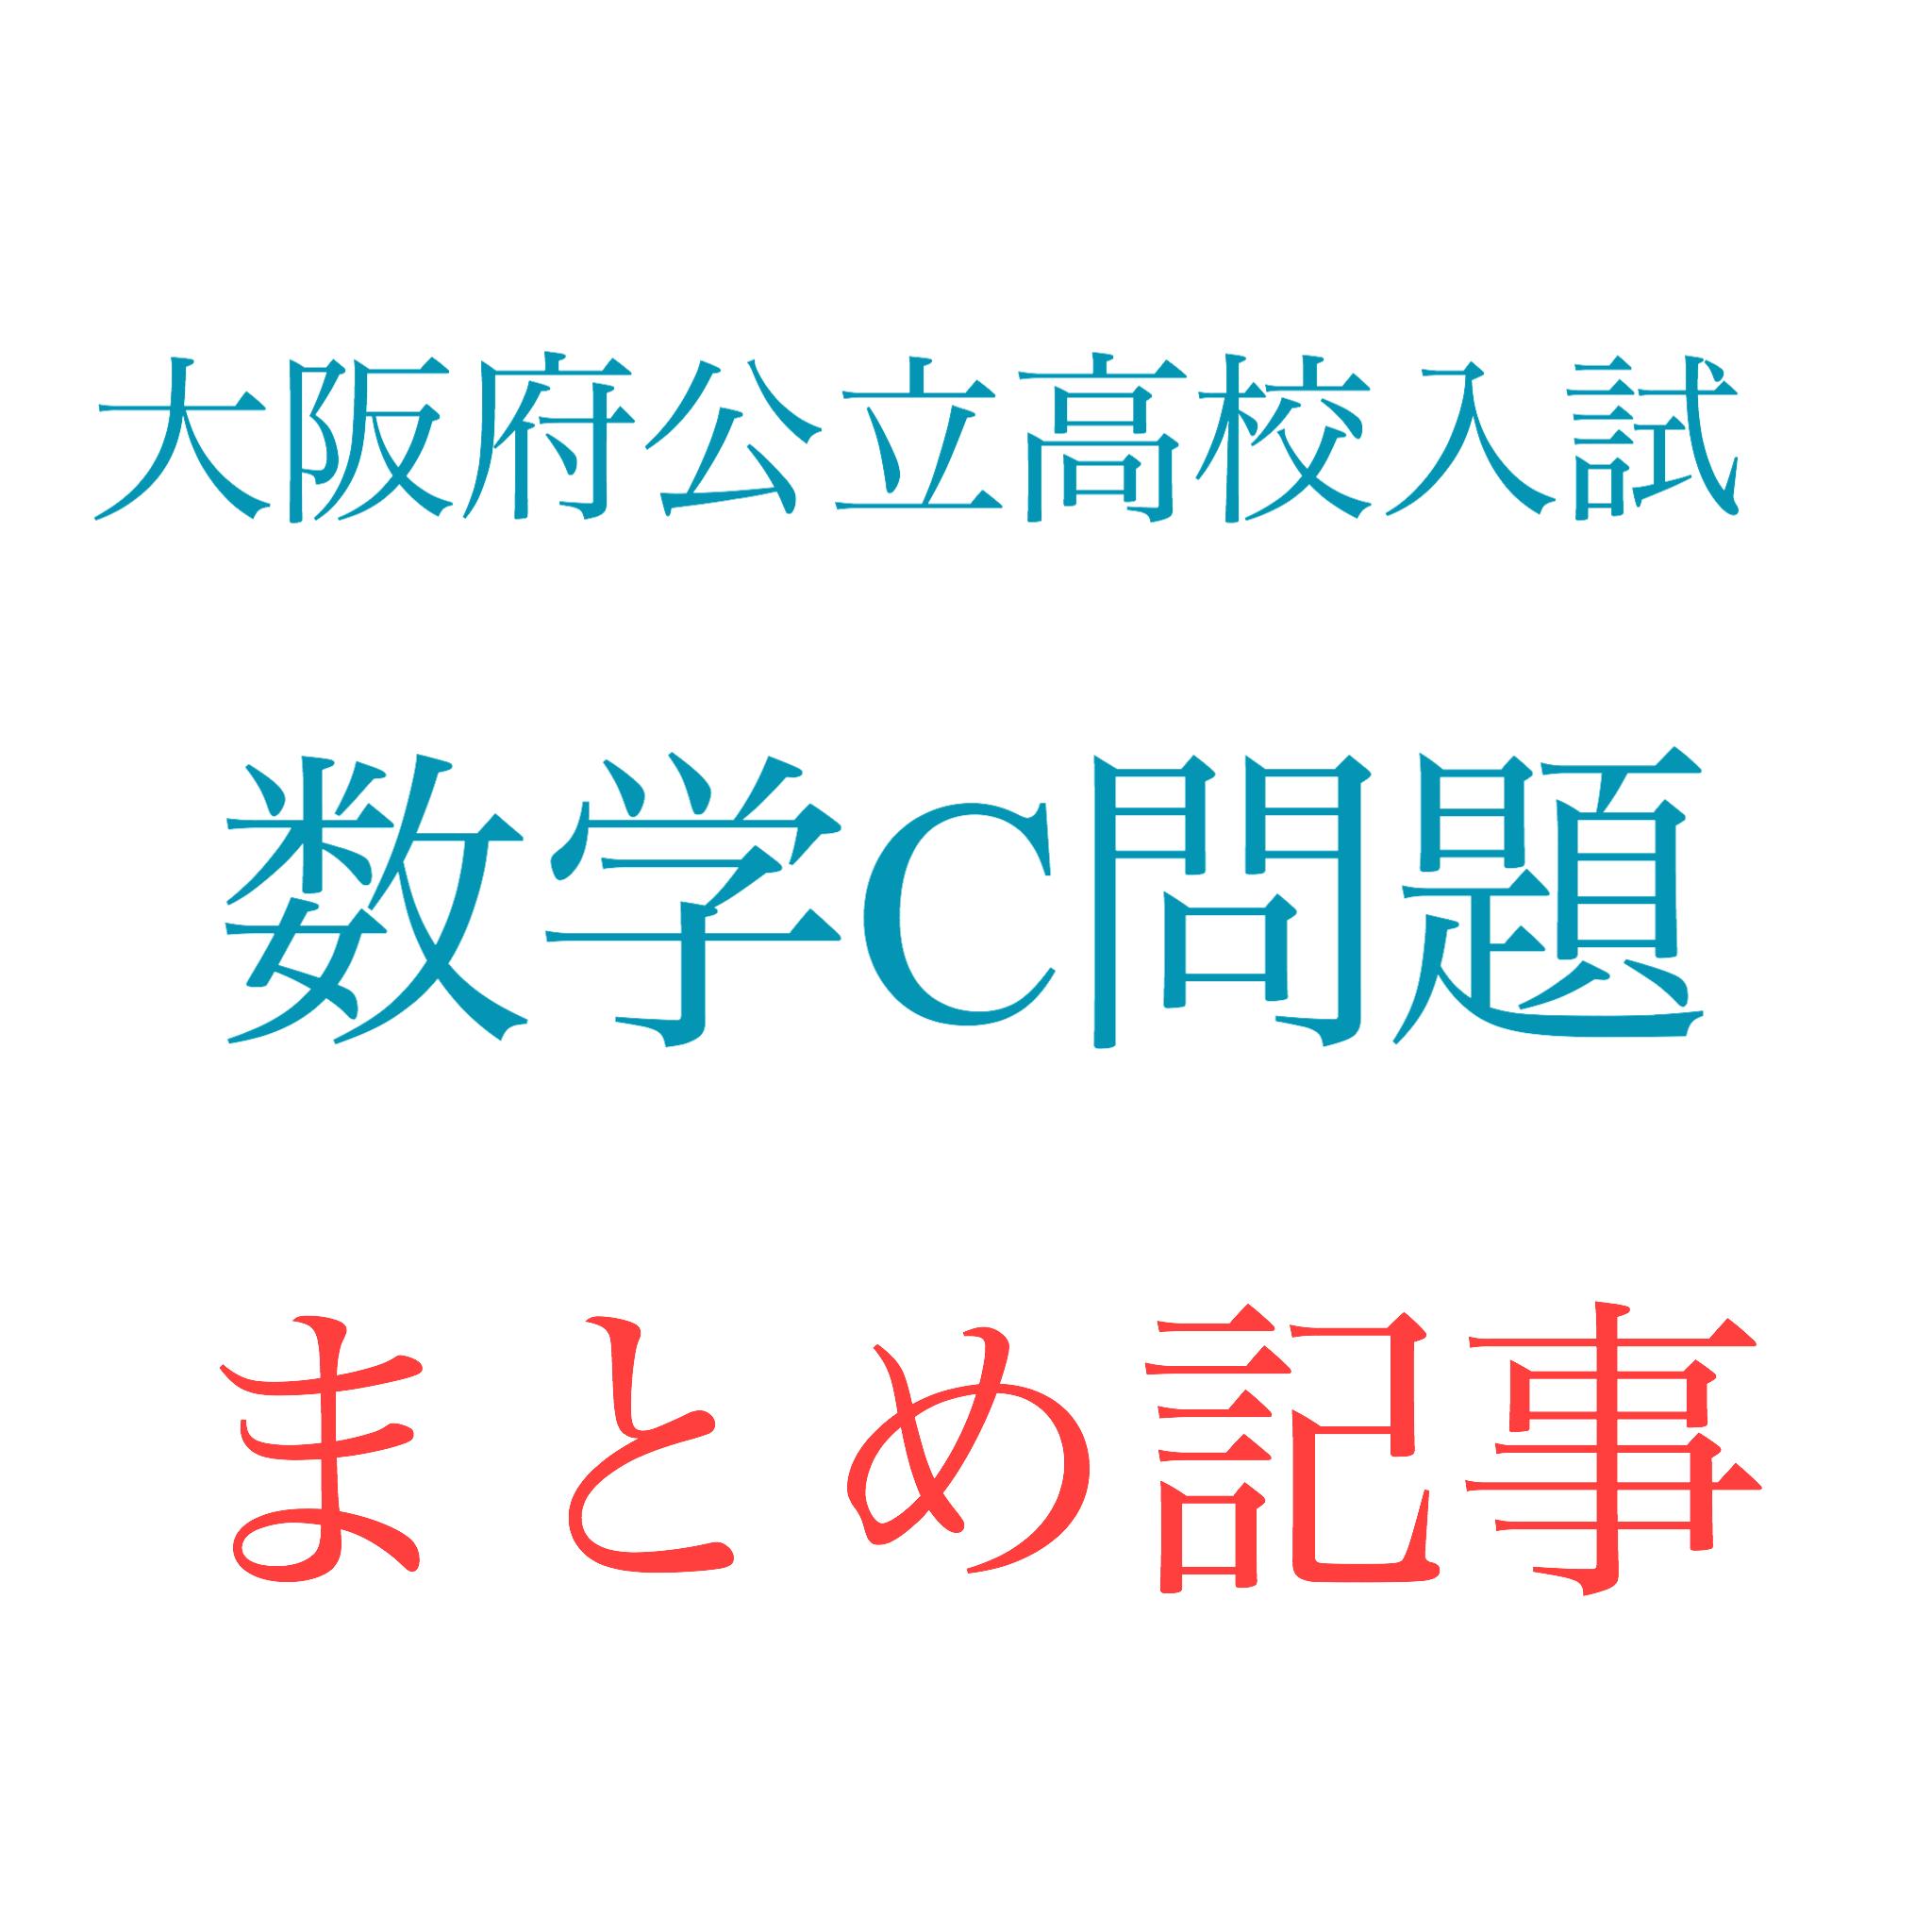 大阪 公立 高校 入試 日